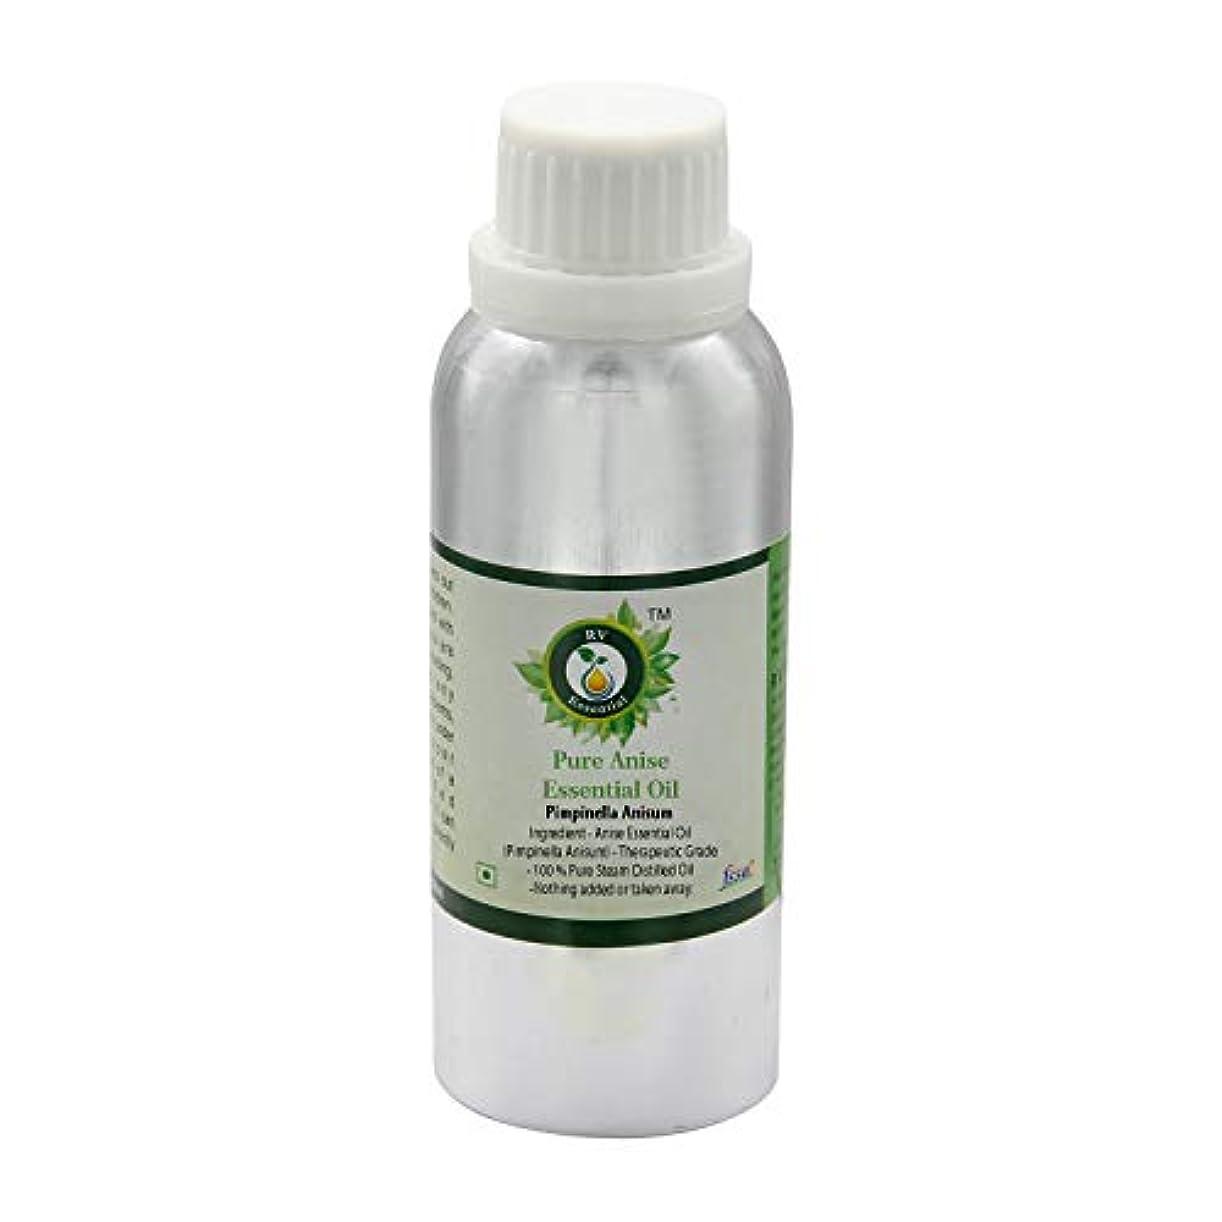 ピュアアニスエッセンシャルオイル300ml (10oz)- Pimpinella Anisum (100%純粋&天然スチームDistilled) Pure Anise Essential Oil